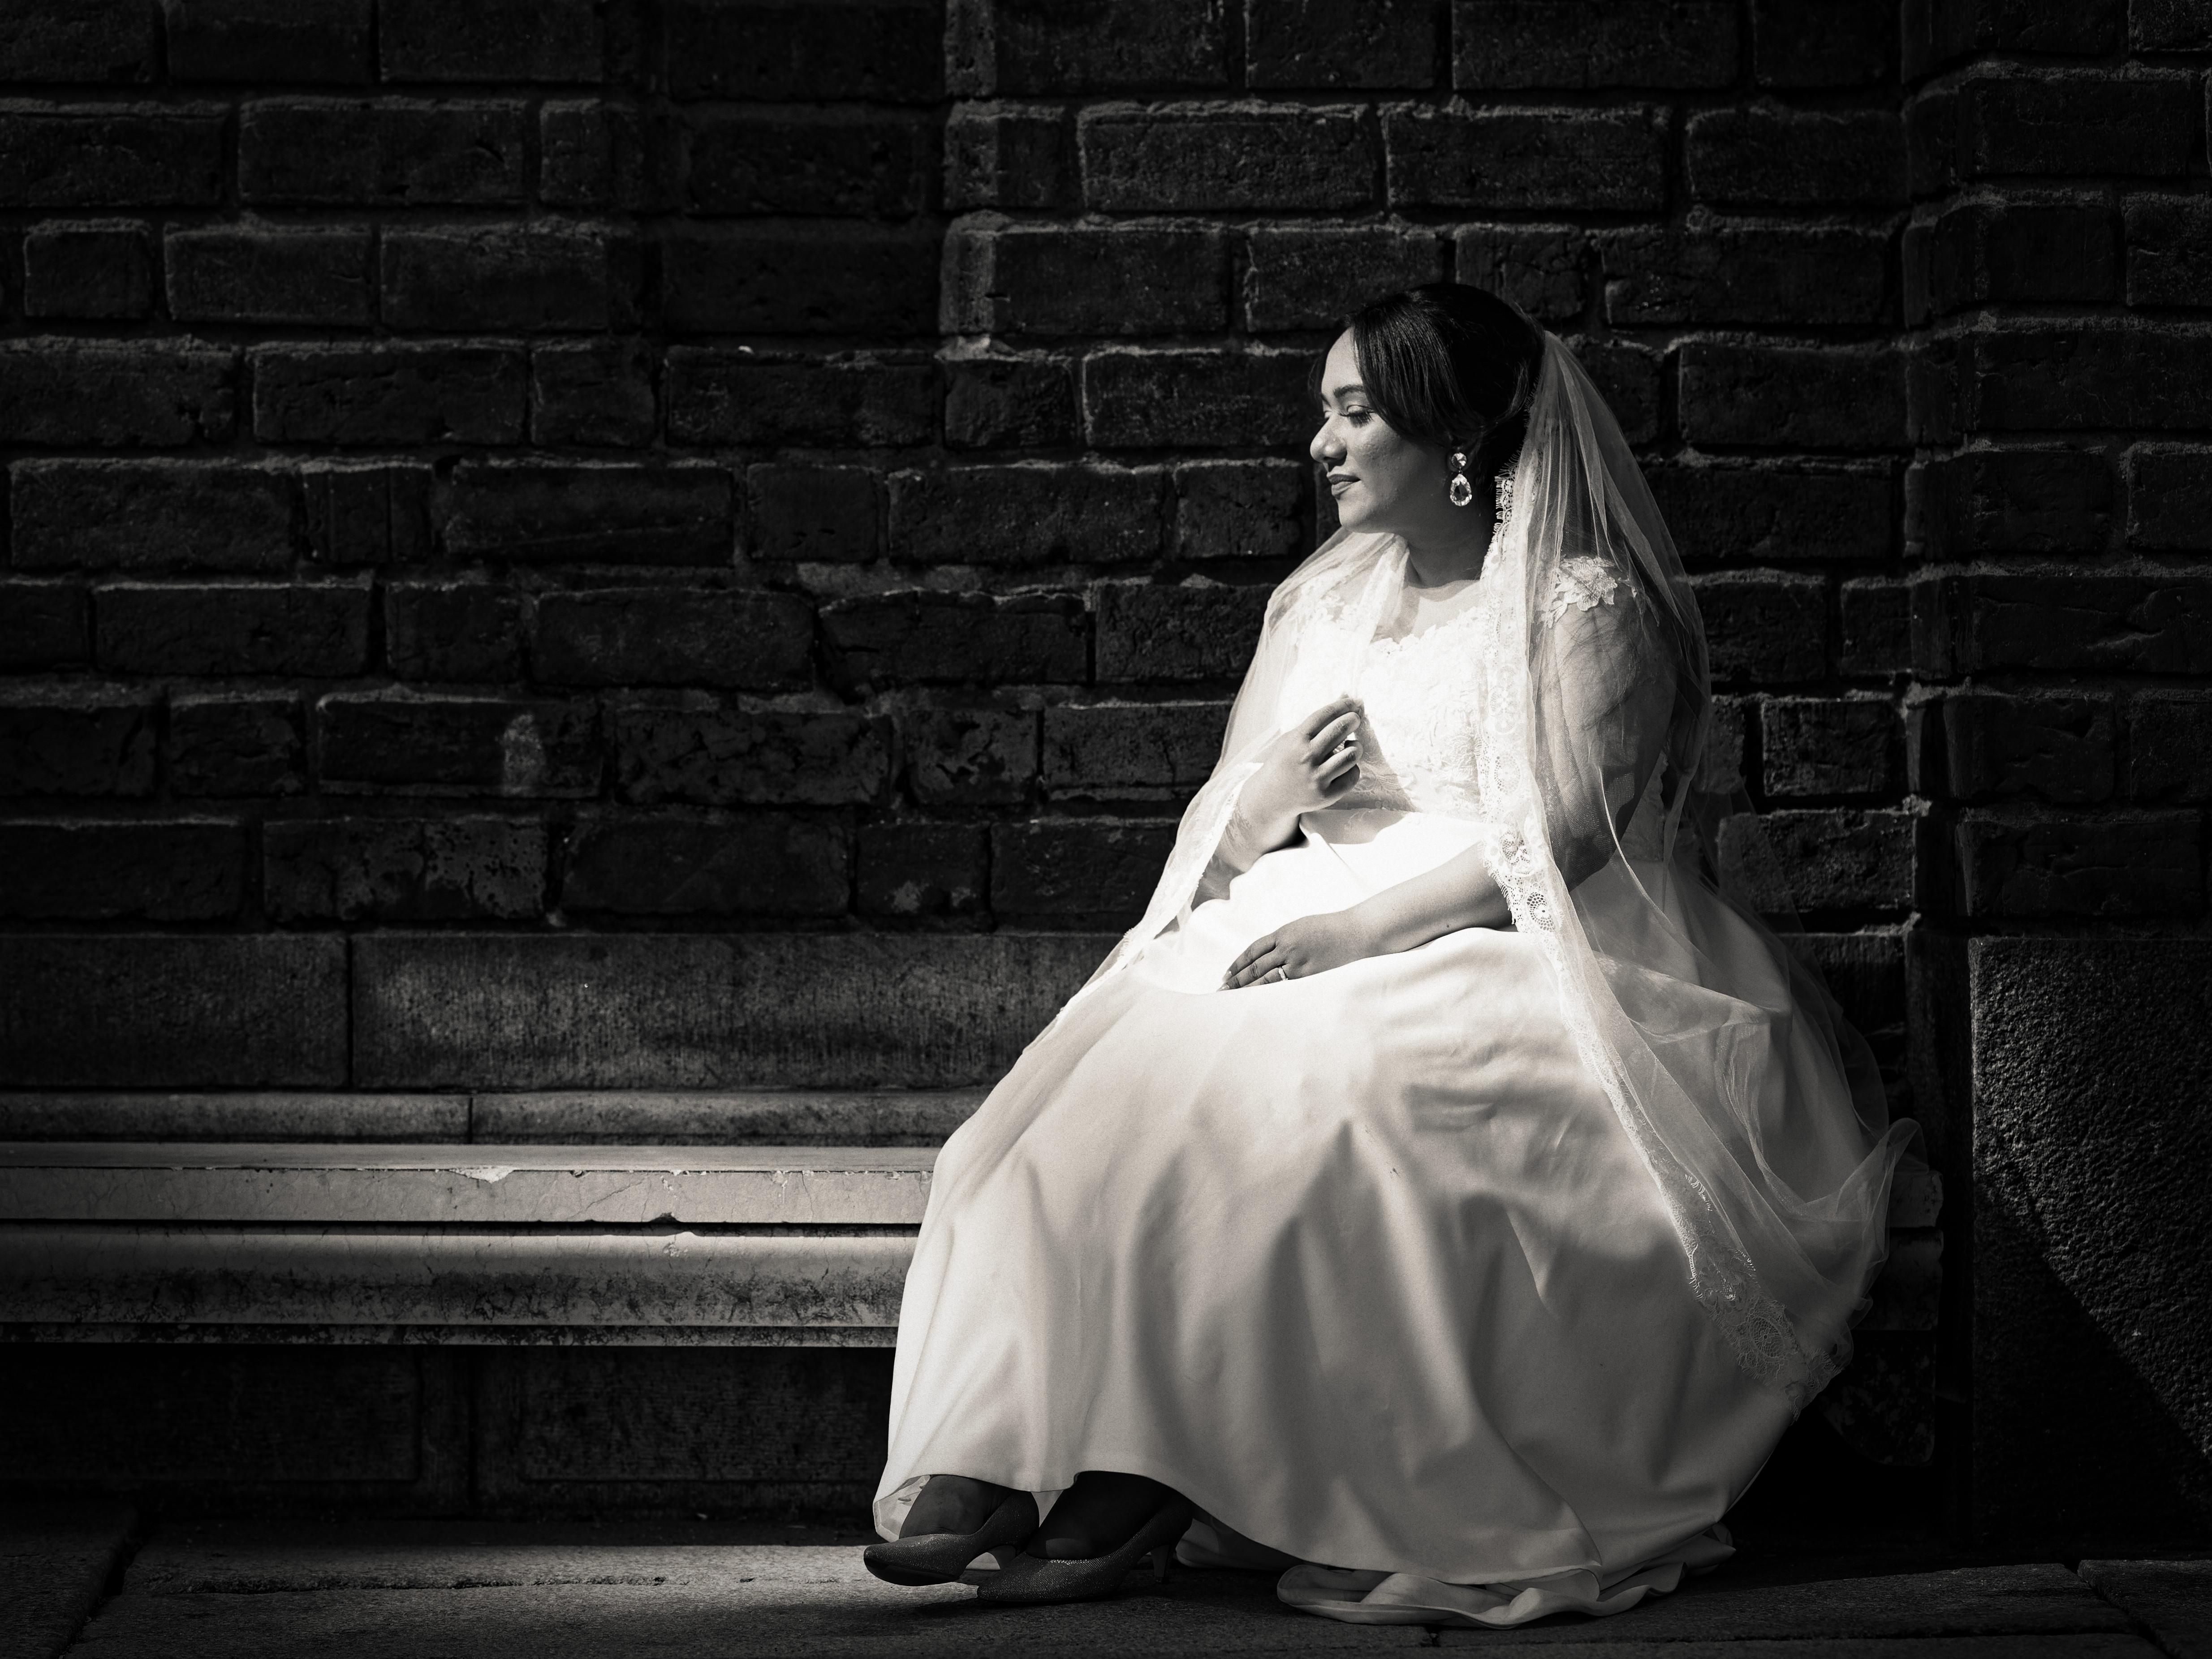 Bröllopsporträtt 3  Priyanka på bänk